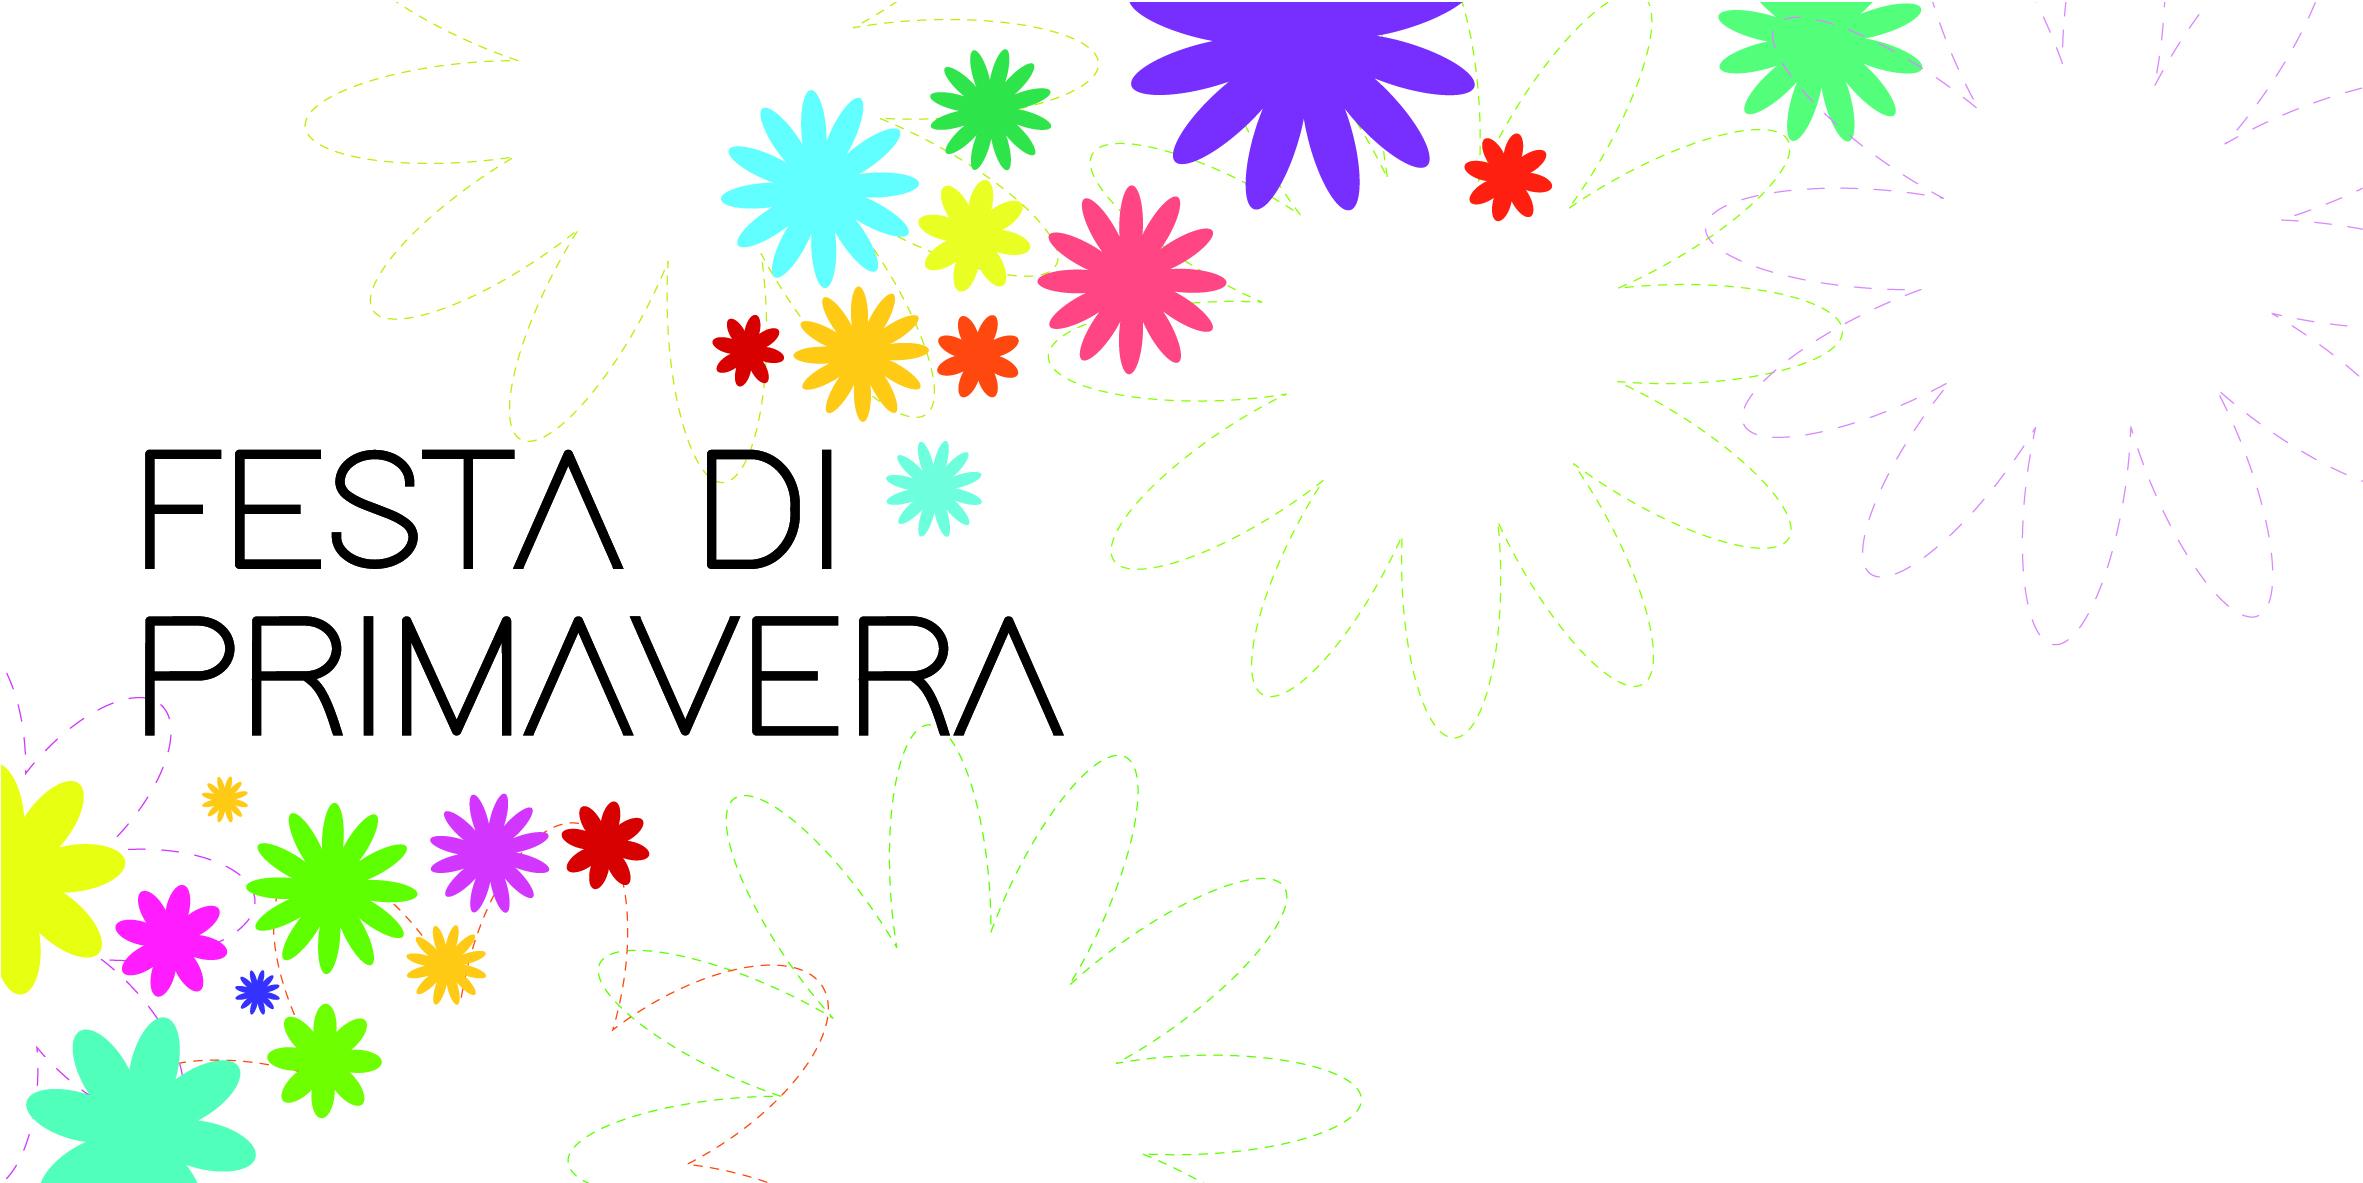 Festa di primavera 2018 - FB